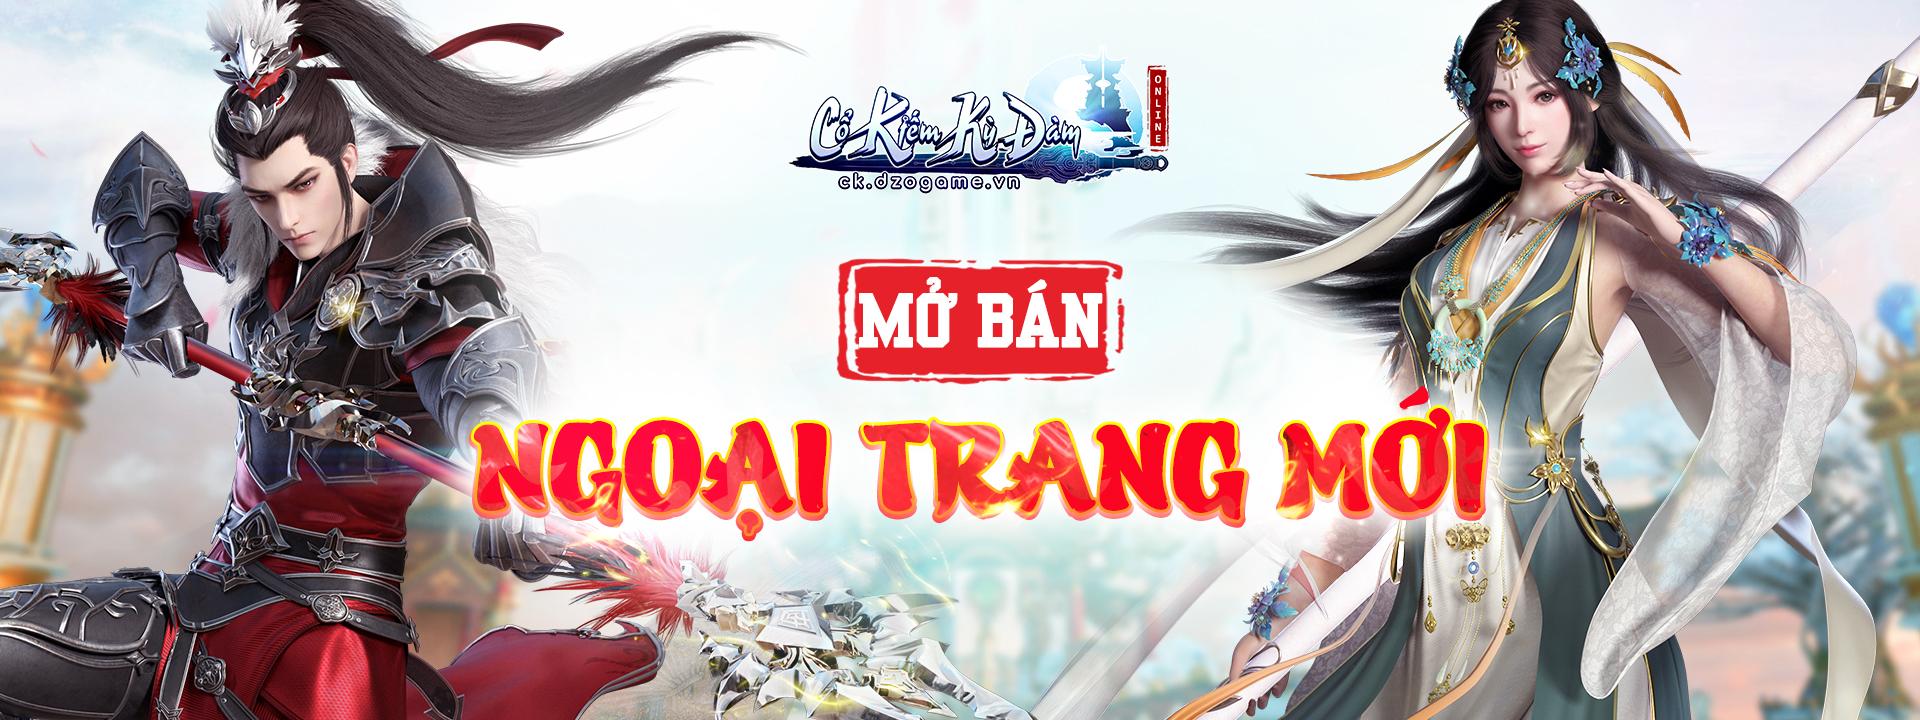 banner top MỞ BÁN NGOẠI TRANG MỚI